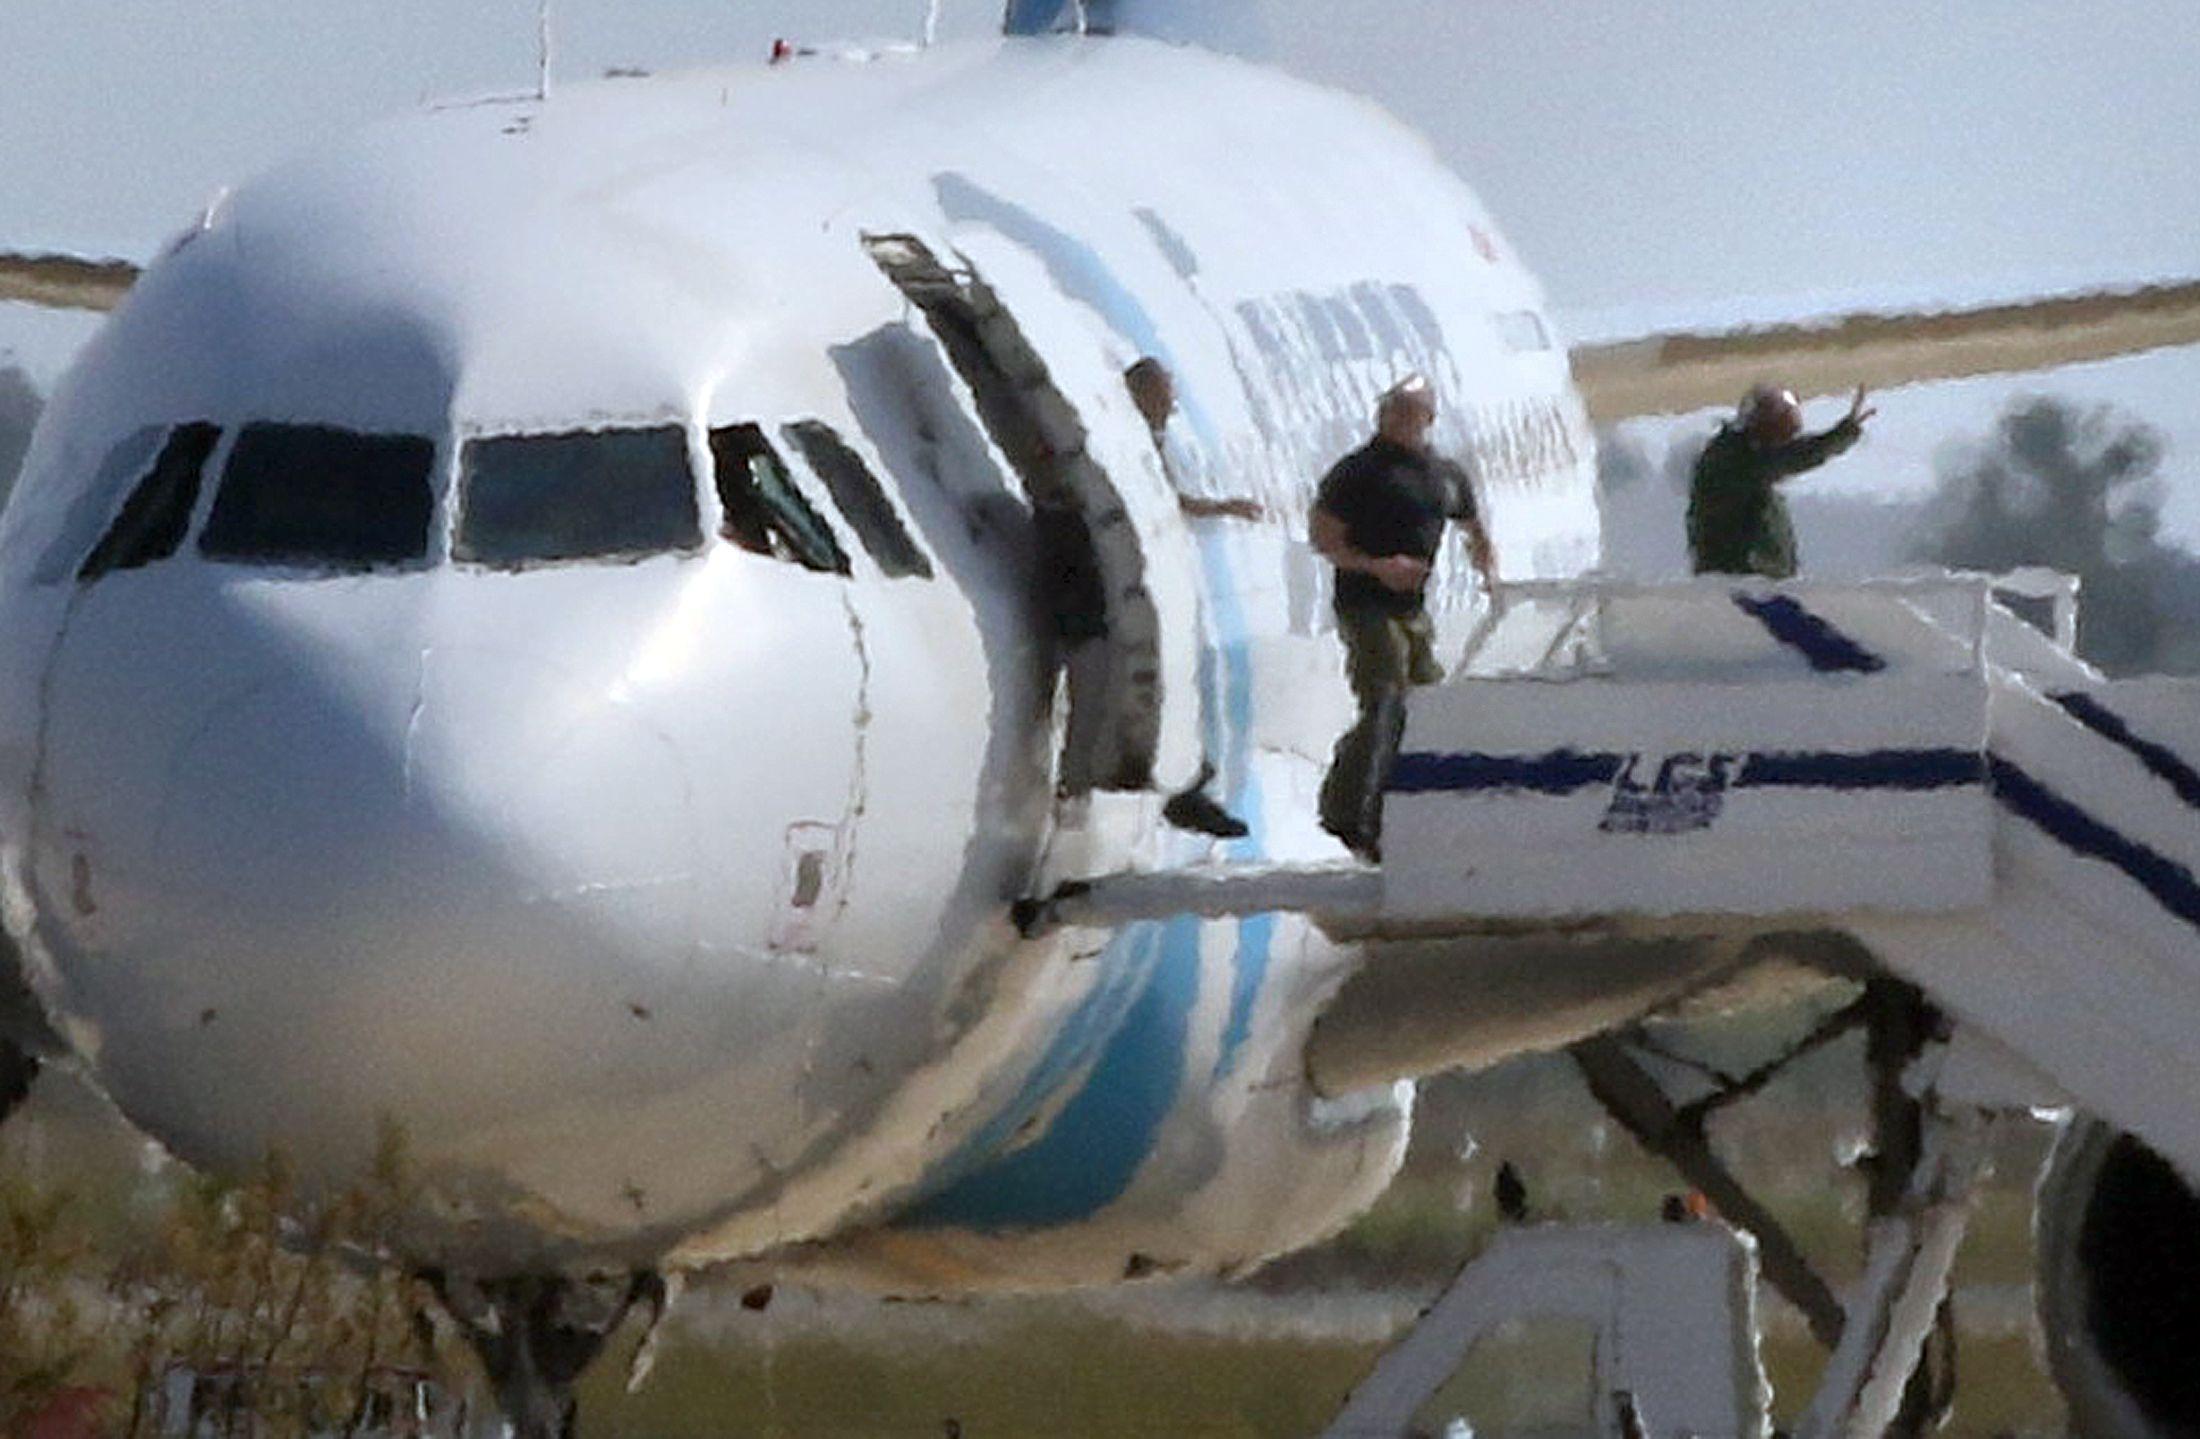 29/03/2016_Lowe_Egyptair